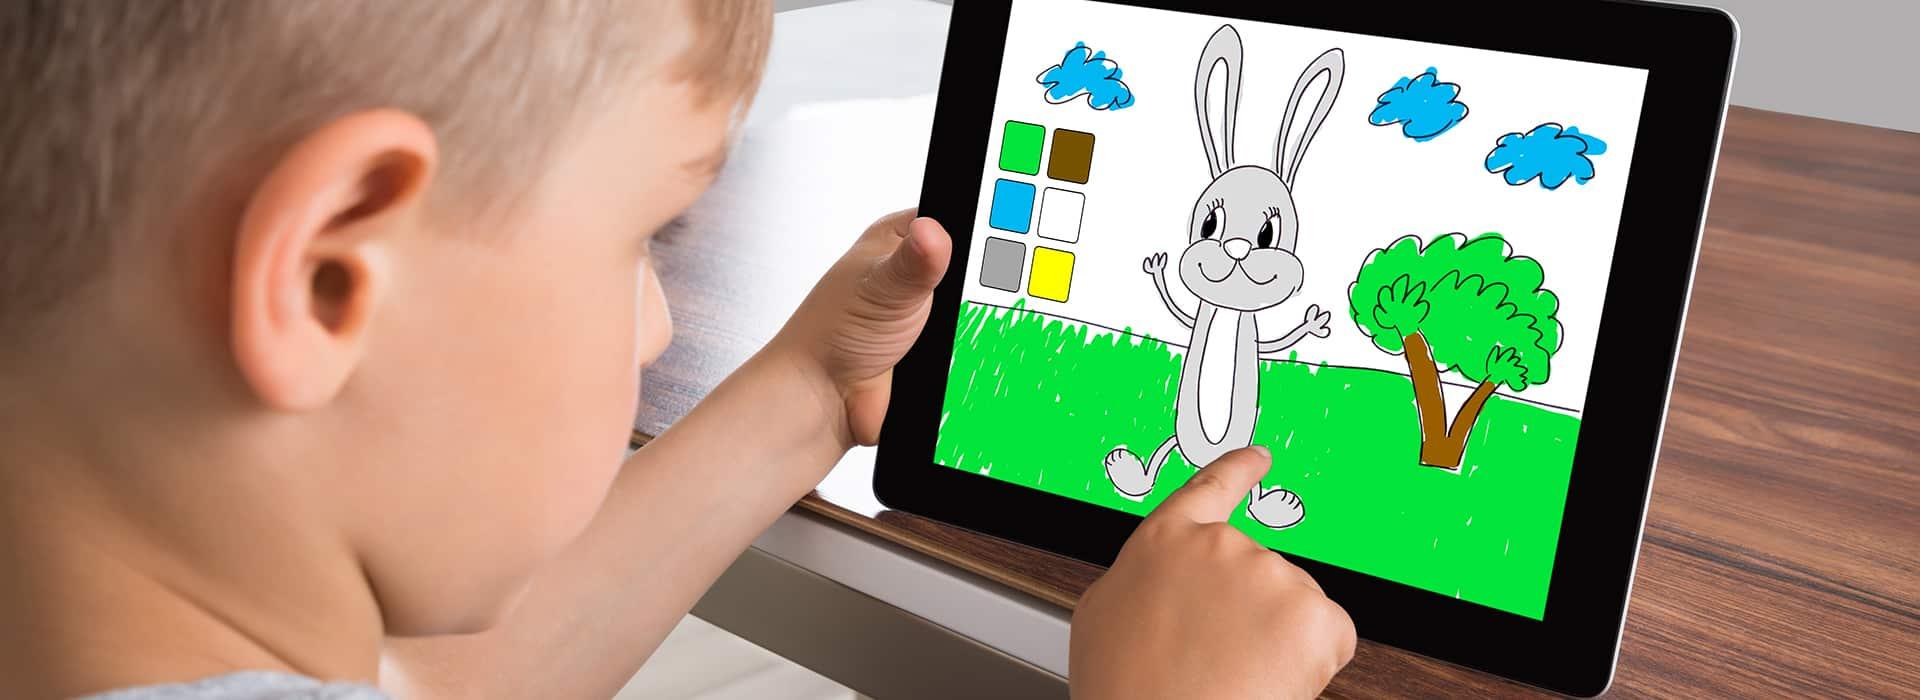 Tablette Enfant : Voici Les Meilleurs Modèles À Offrir En 2020 destiné Telecharger Jeux Educatif Gratuit 4 Ans